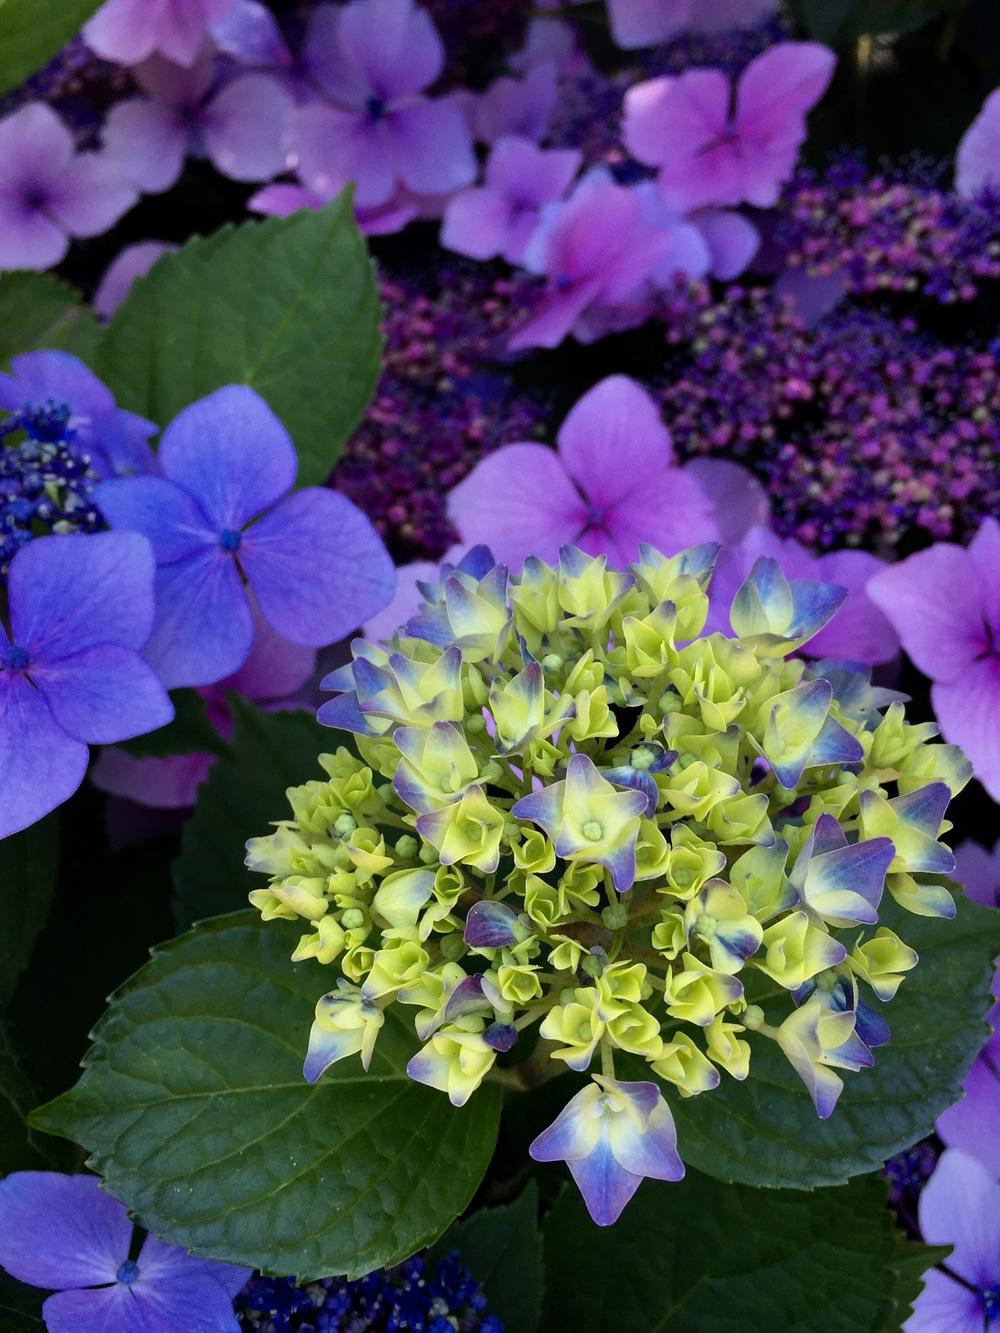 Pretty flowers at Kubota Gardens.  Photo by Shishido.